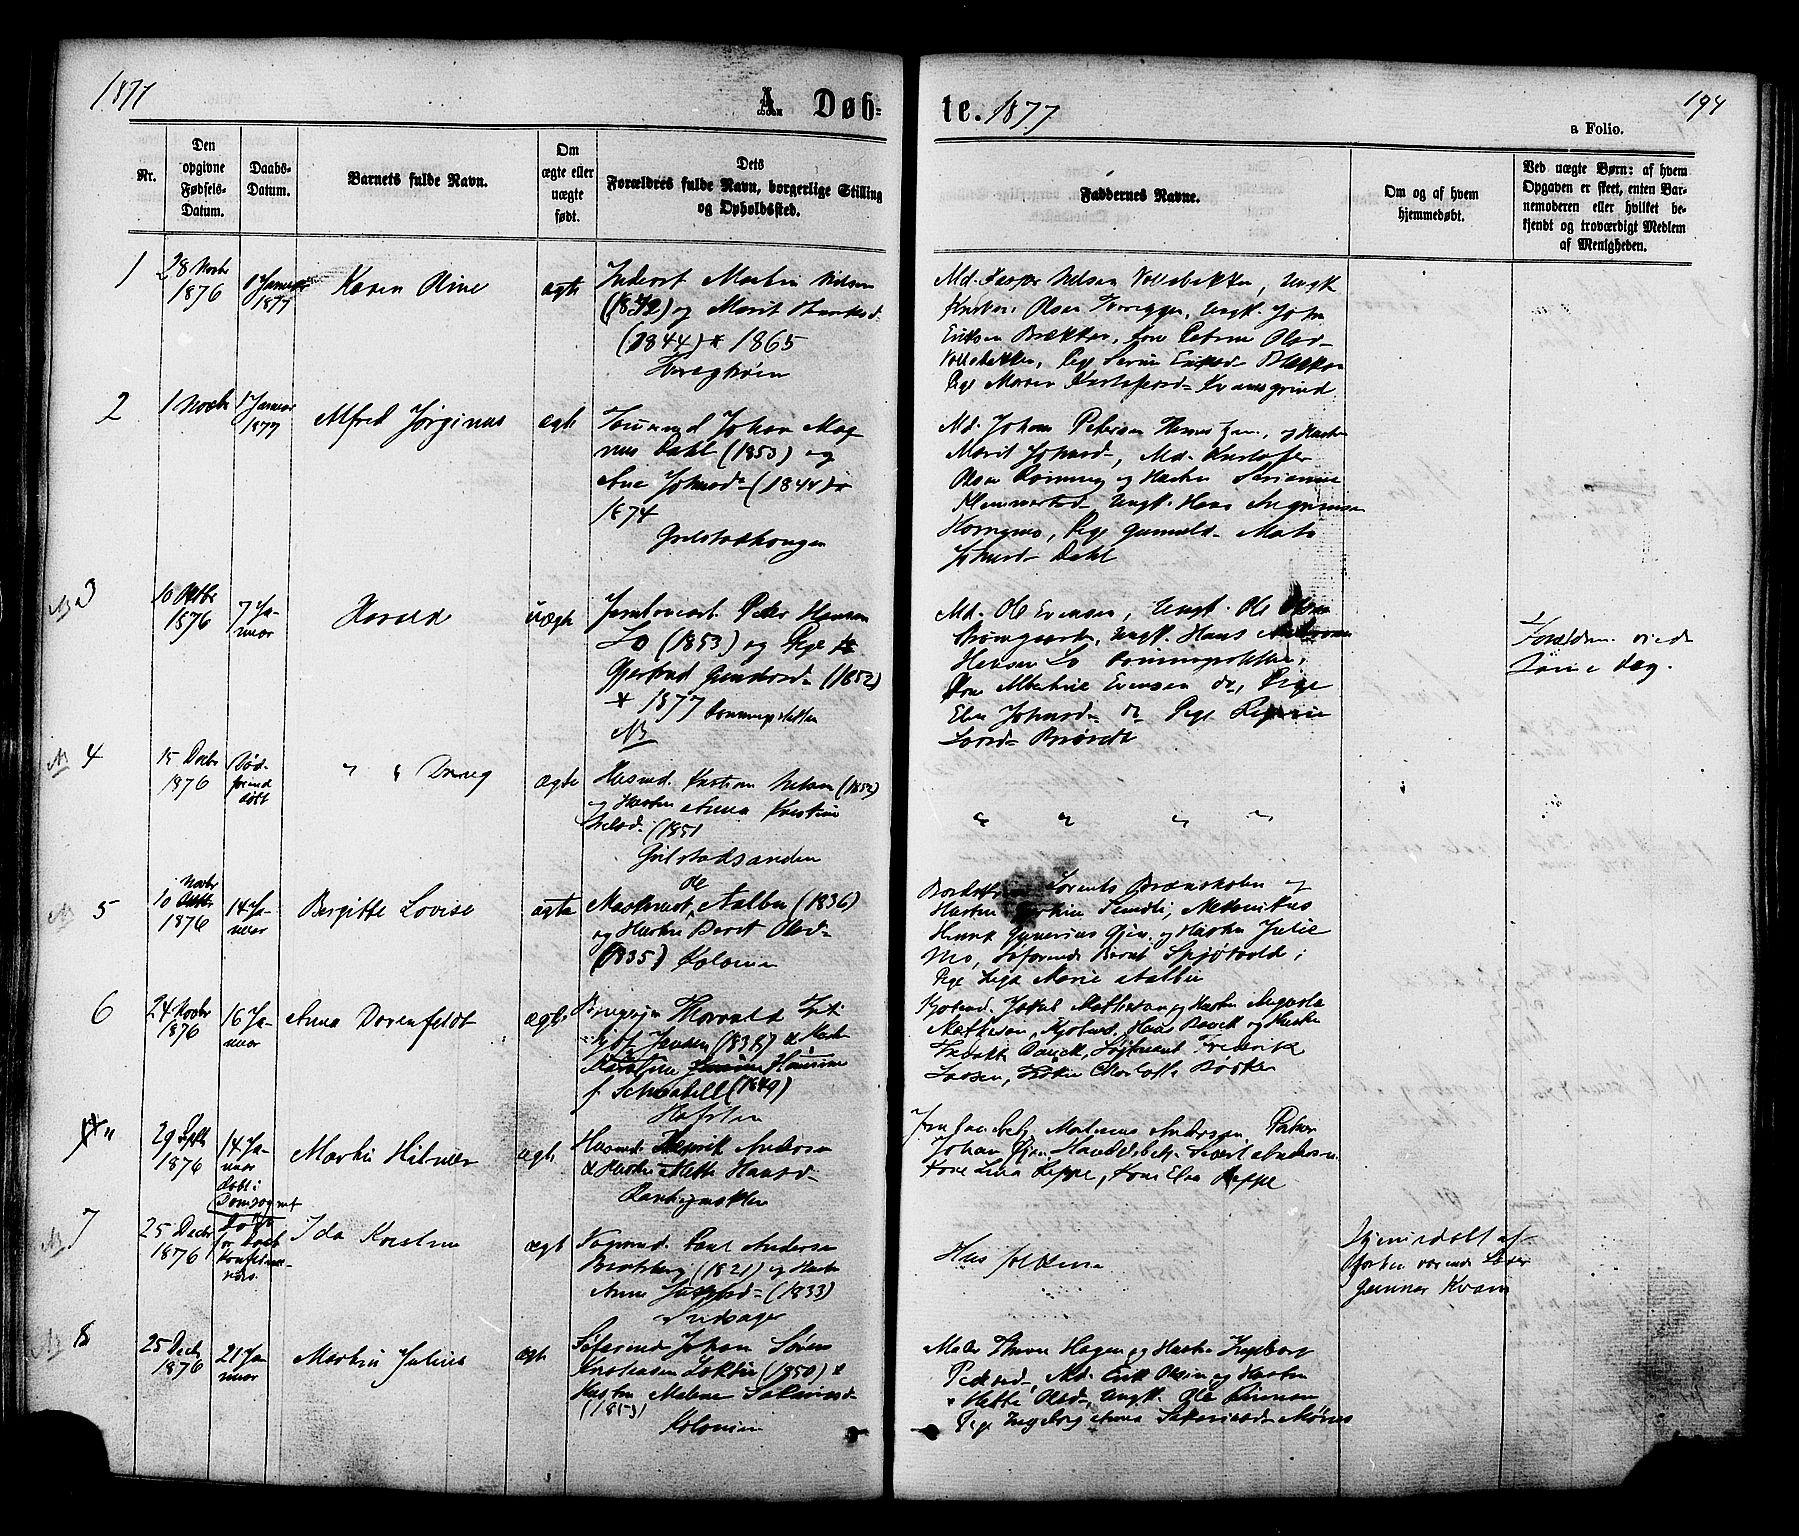 SAT, Ministerialprotokoller, klokkerbøker og fødselsregistre - Sør-Trøndelag, 606/L0293: Ministerialbok nr. 606A08, 1866-1877, s. 194